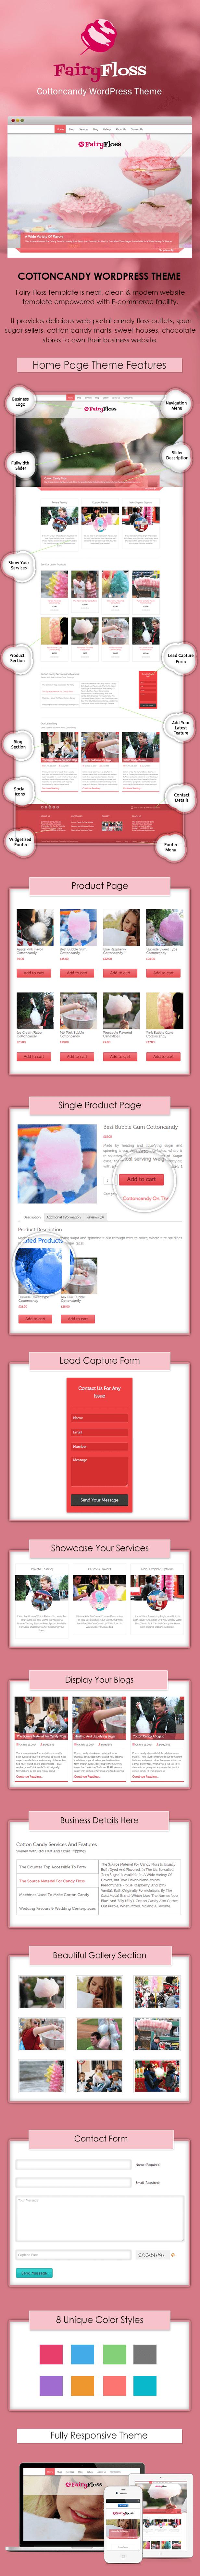 Cottoncandy WordPress Theme Sales